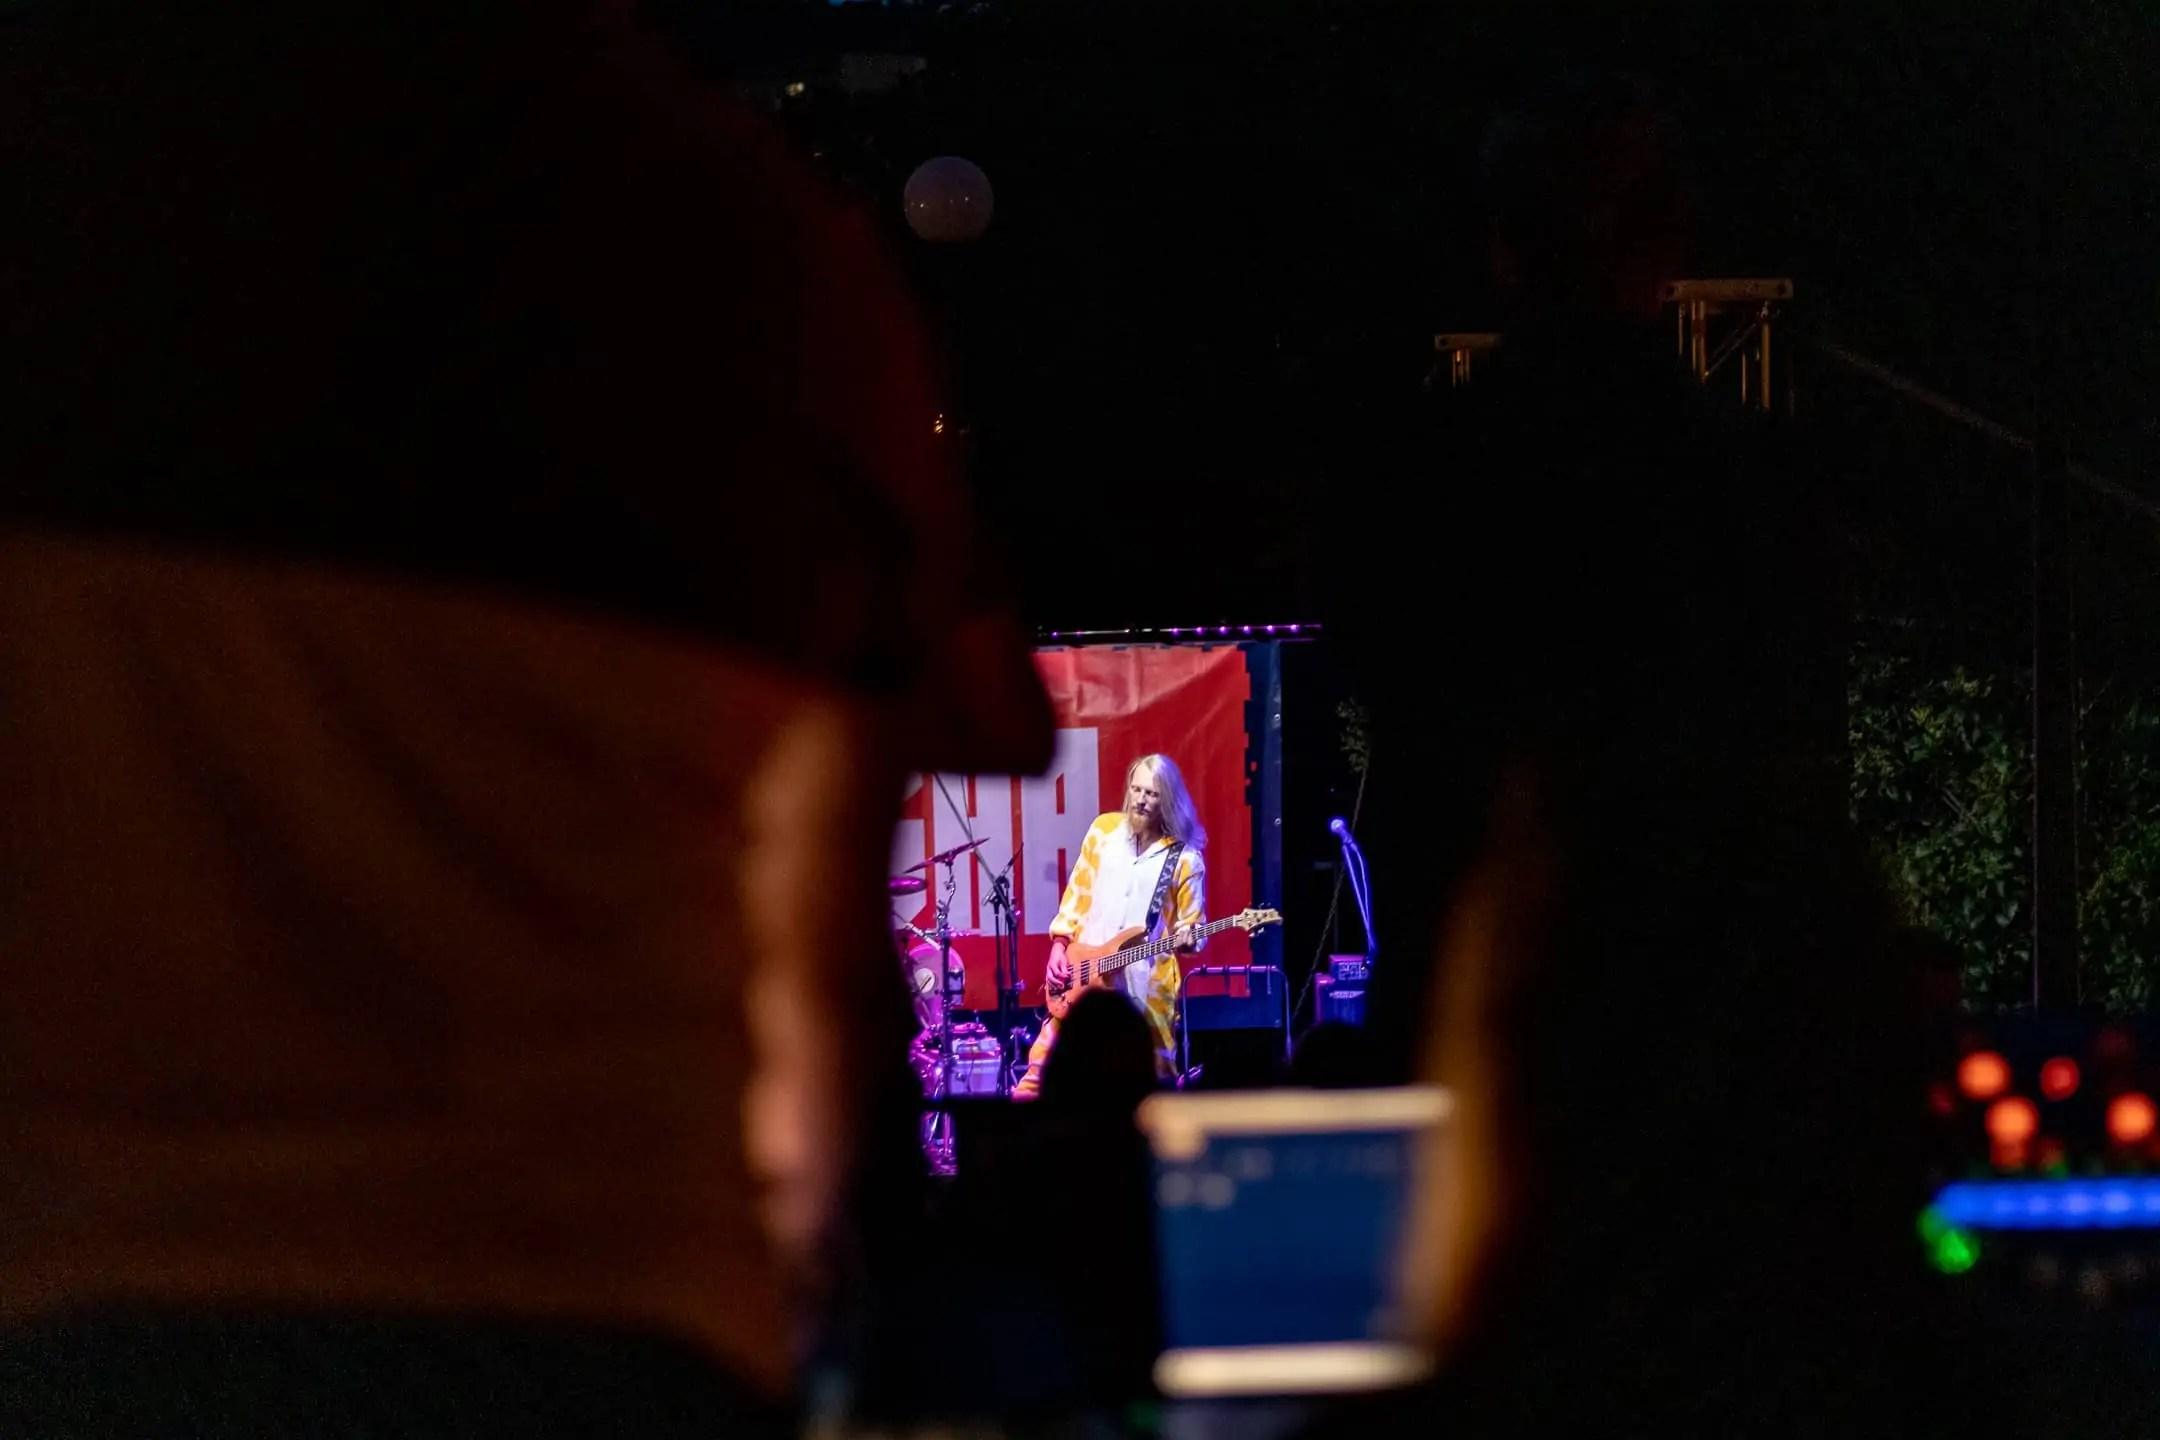 Jak robic zdjecia na koncertach Tersha 13 - Jak robić zdjęcia na koncertach ? 1 jasny obiektyw !